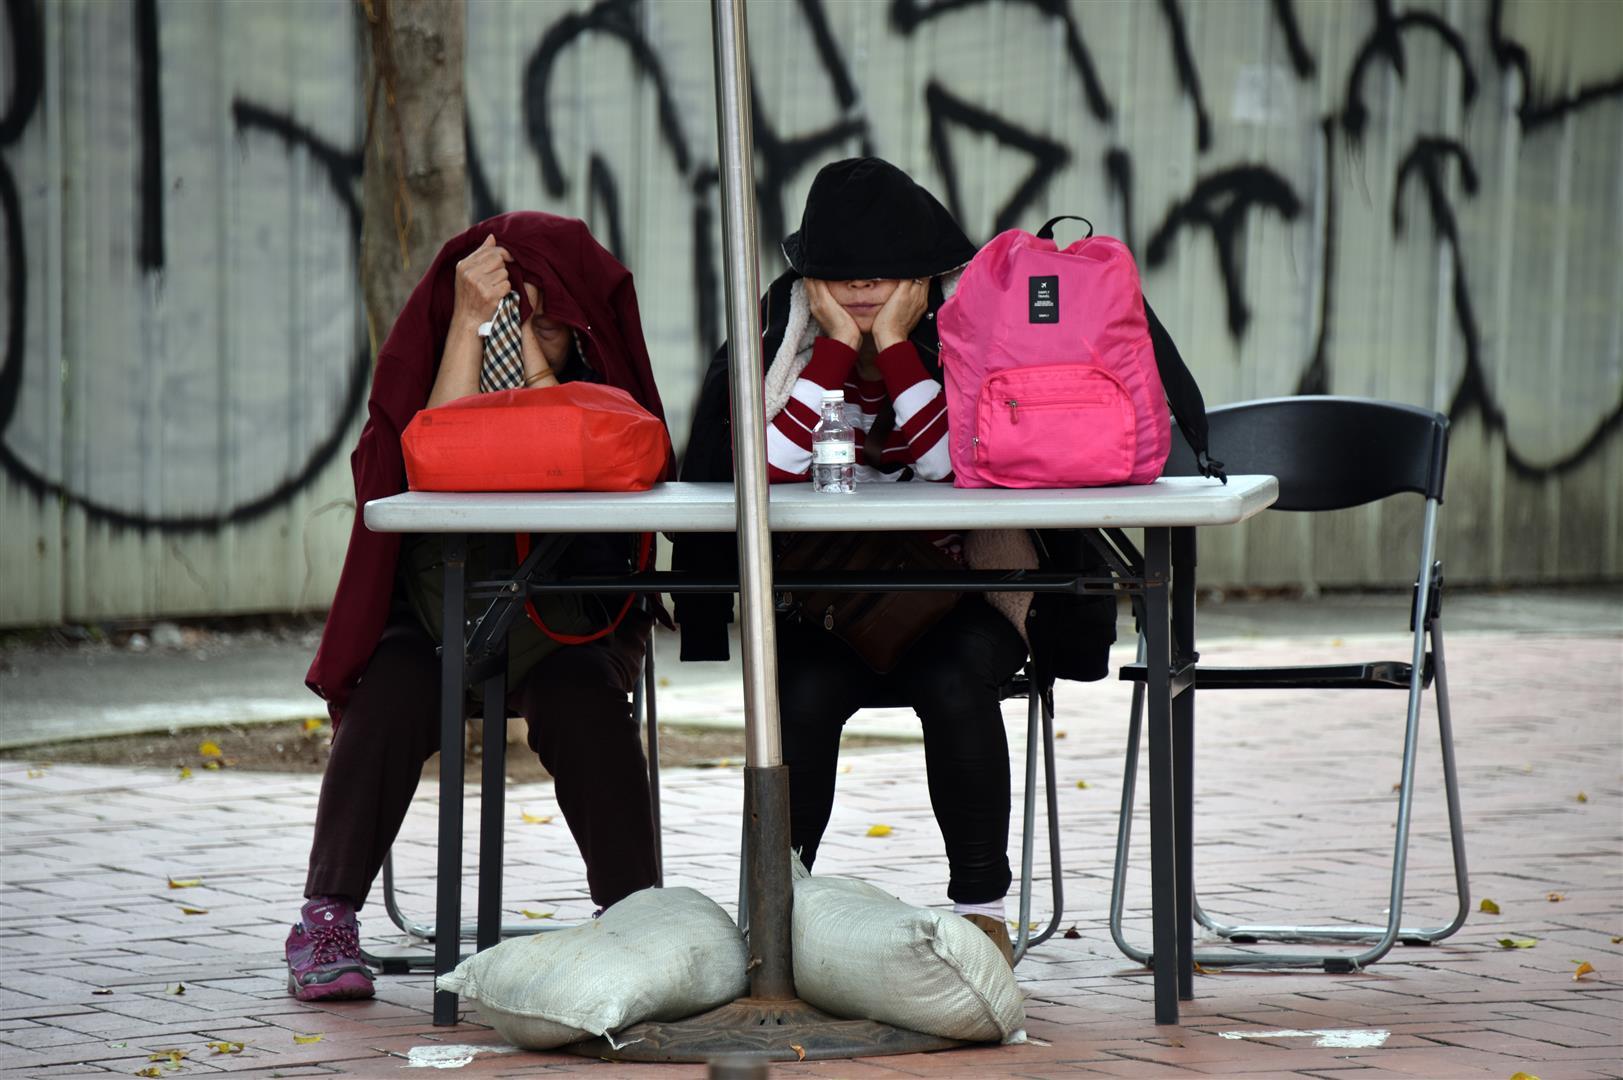 Macau - Street Sleepers (Large)